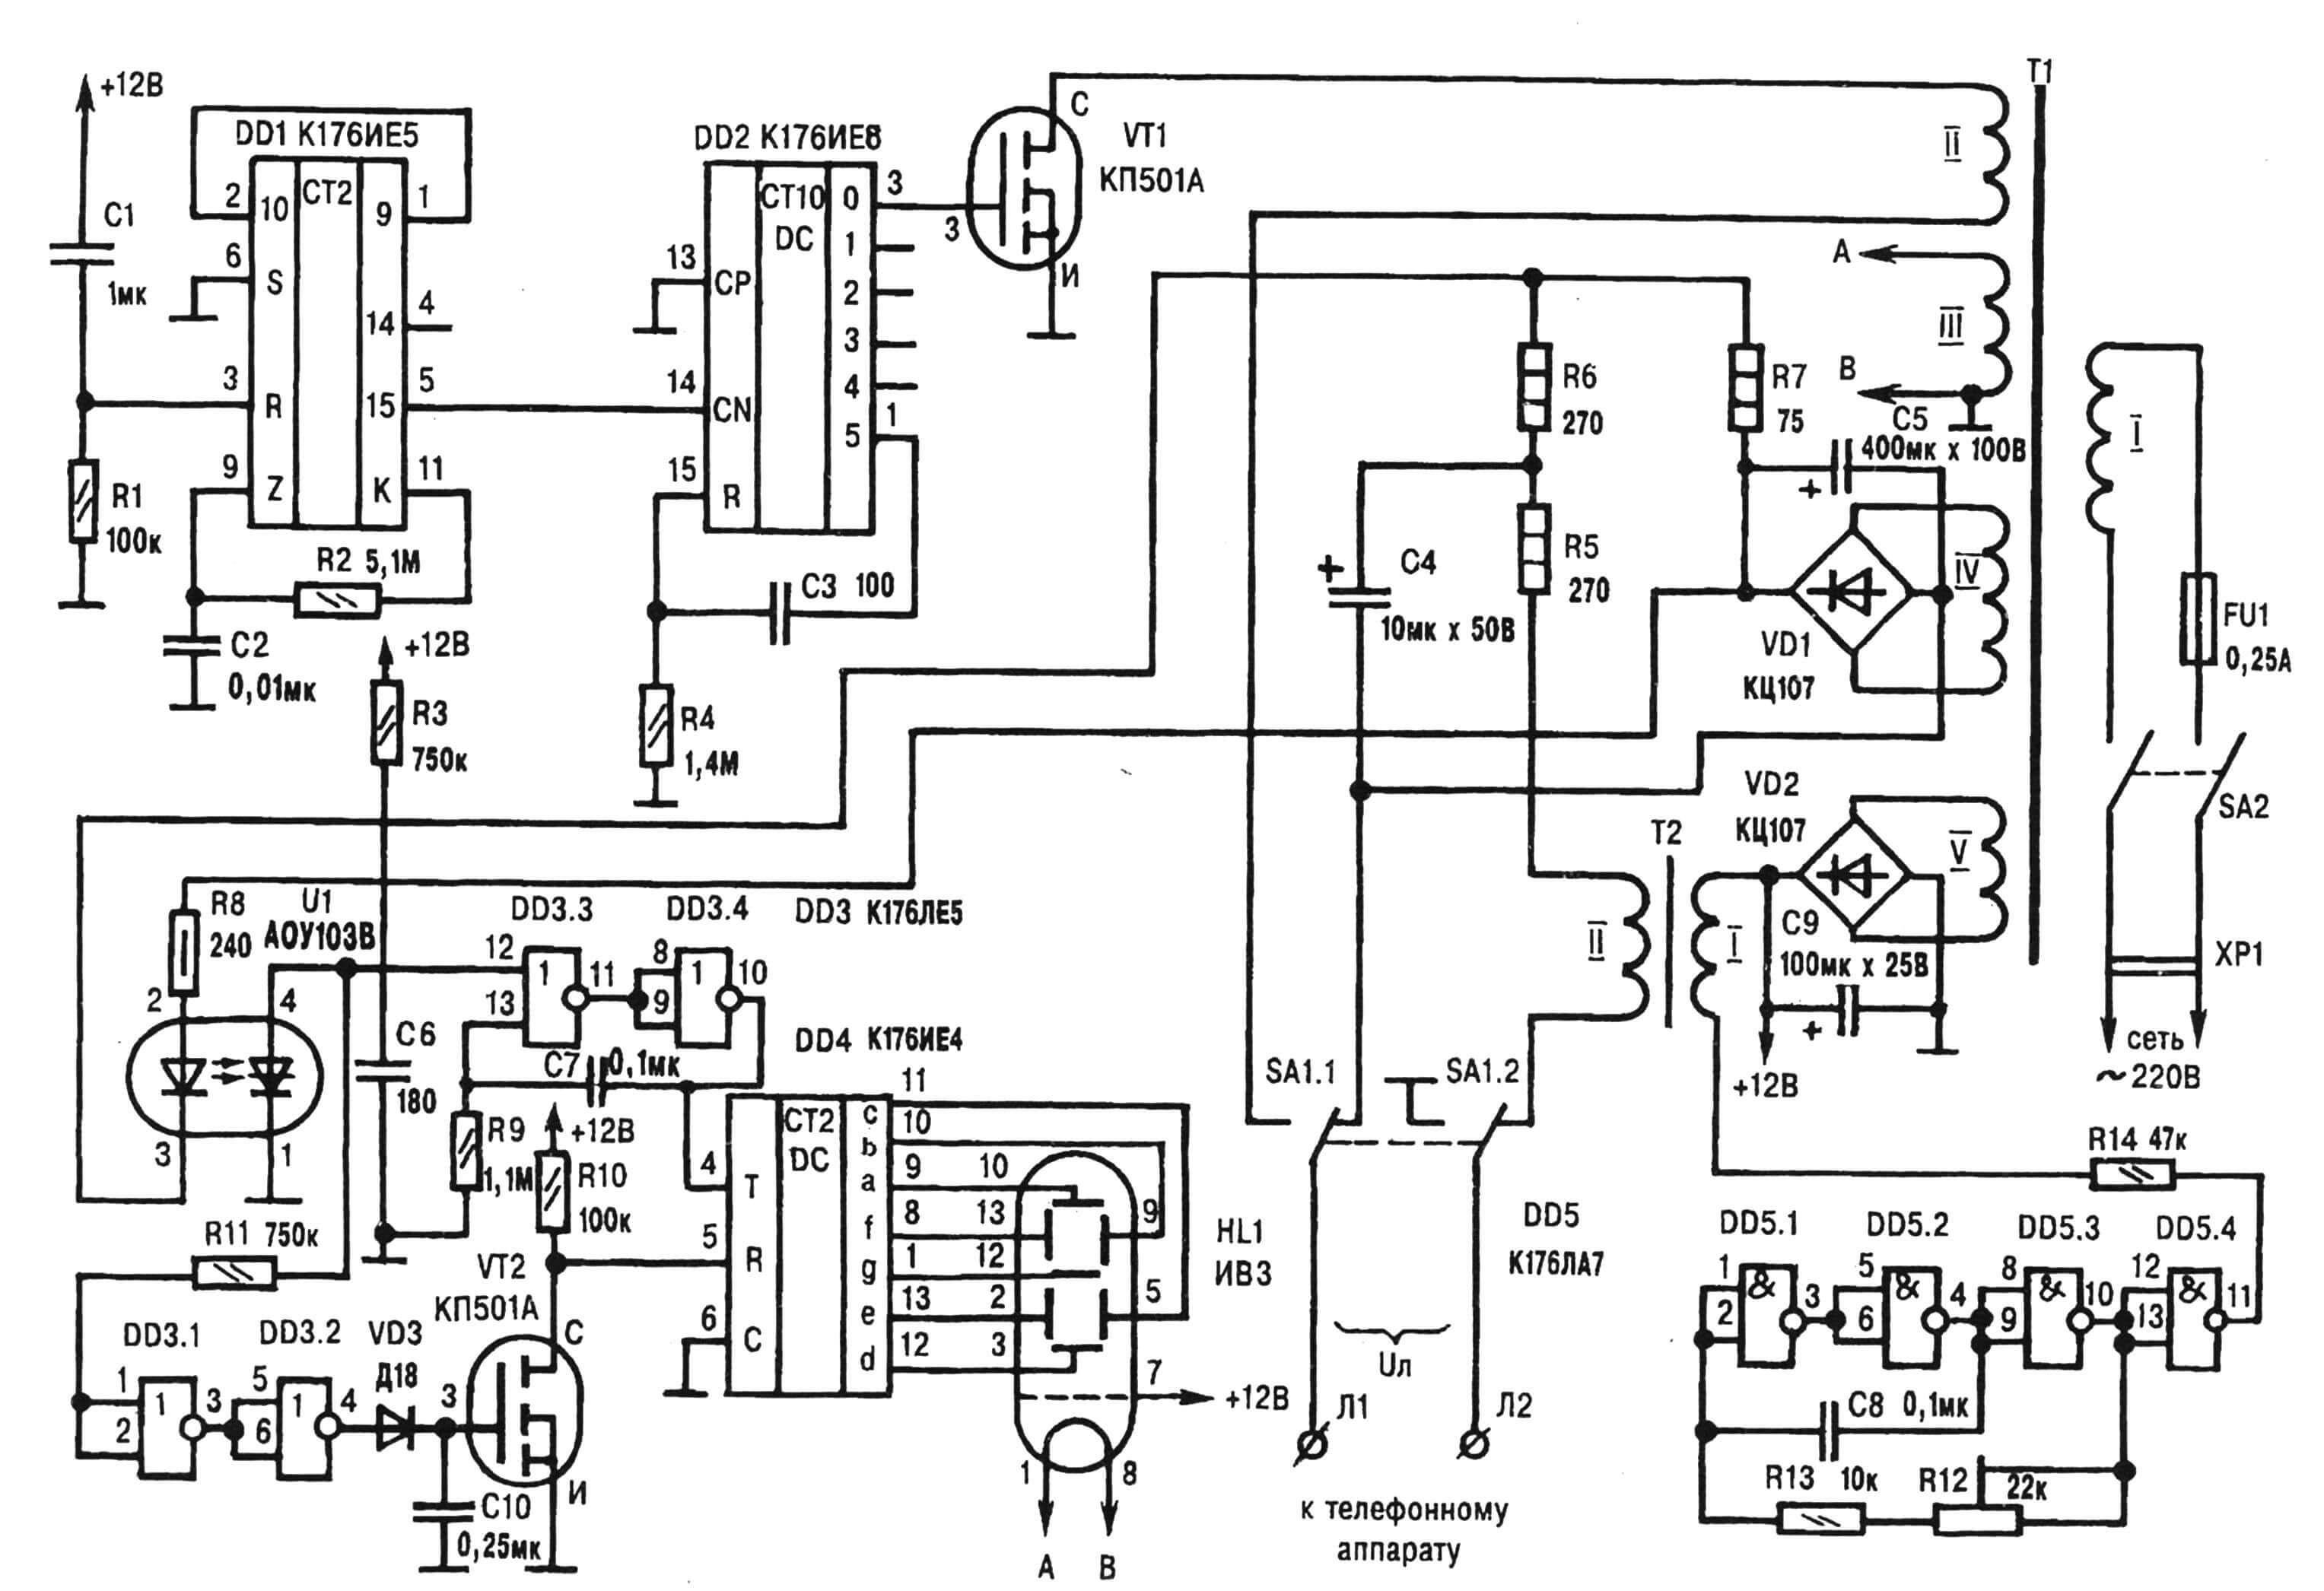 Принципиальная электрическая схема прибора для настройки телефонных устройств без подключения к АТС.